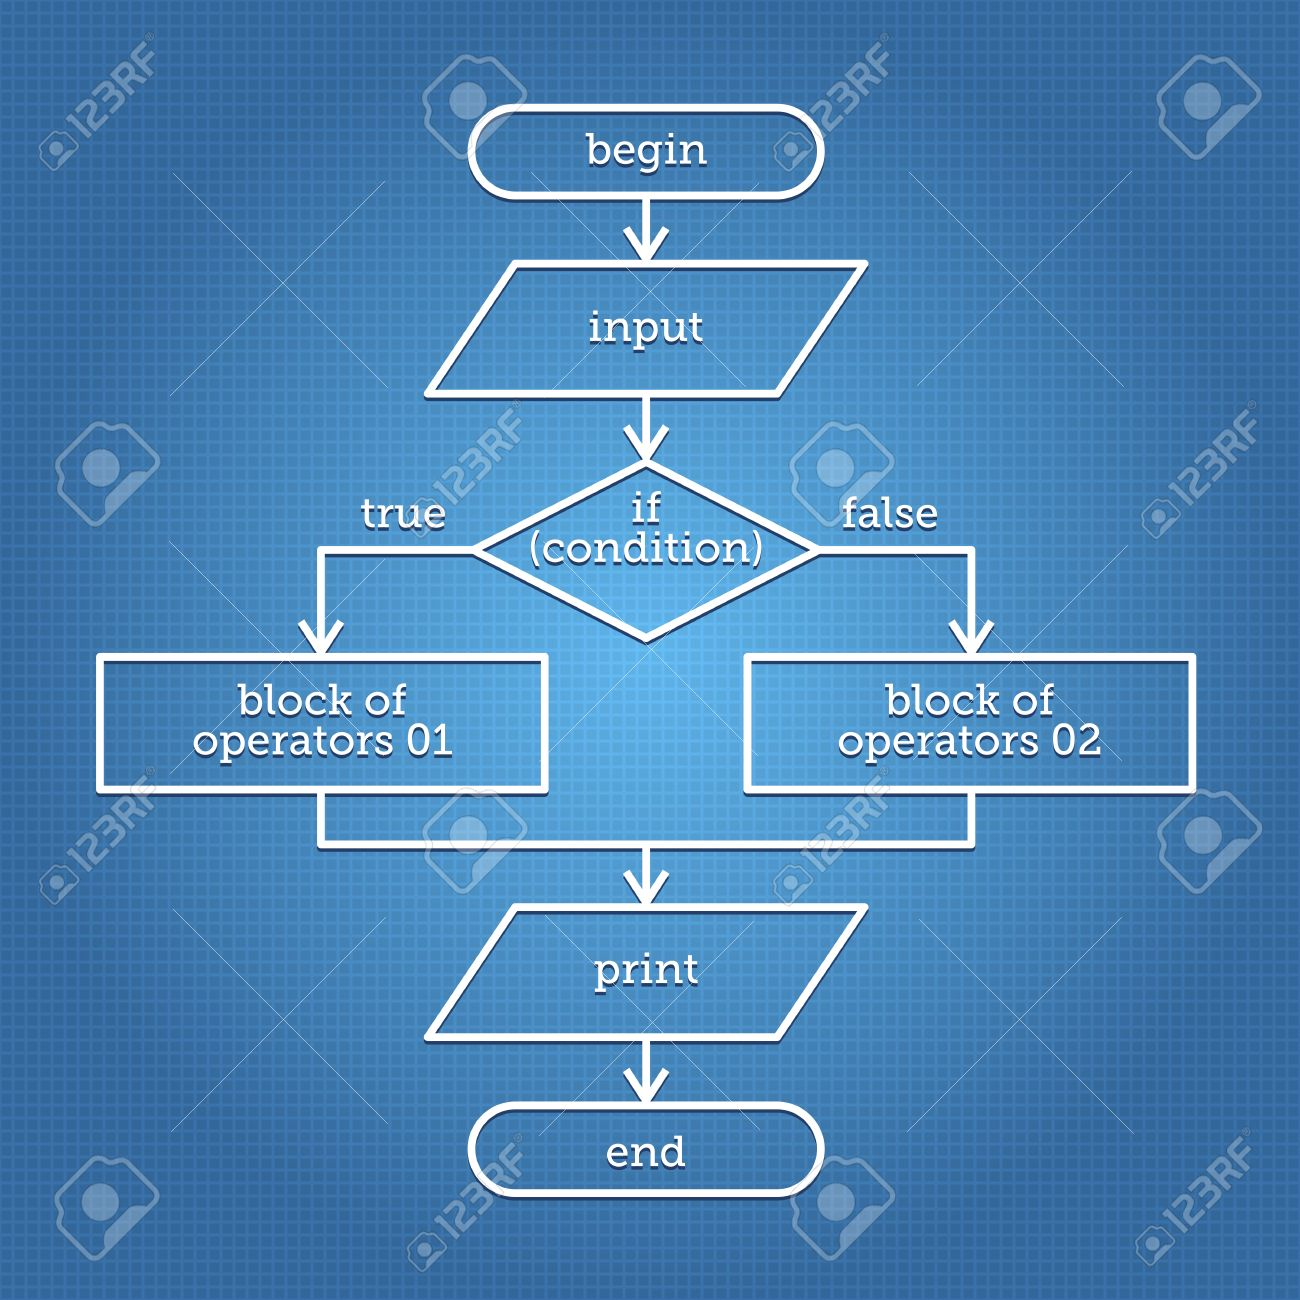 Схема на синей бумаге